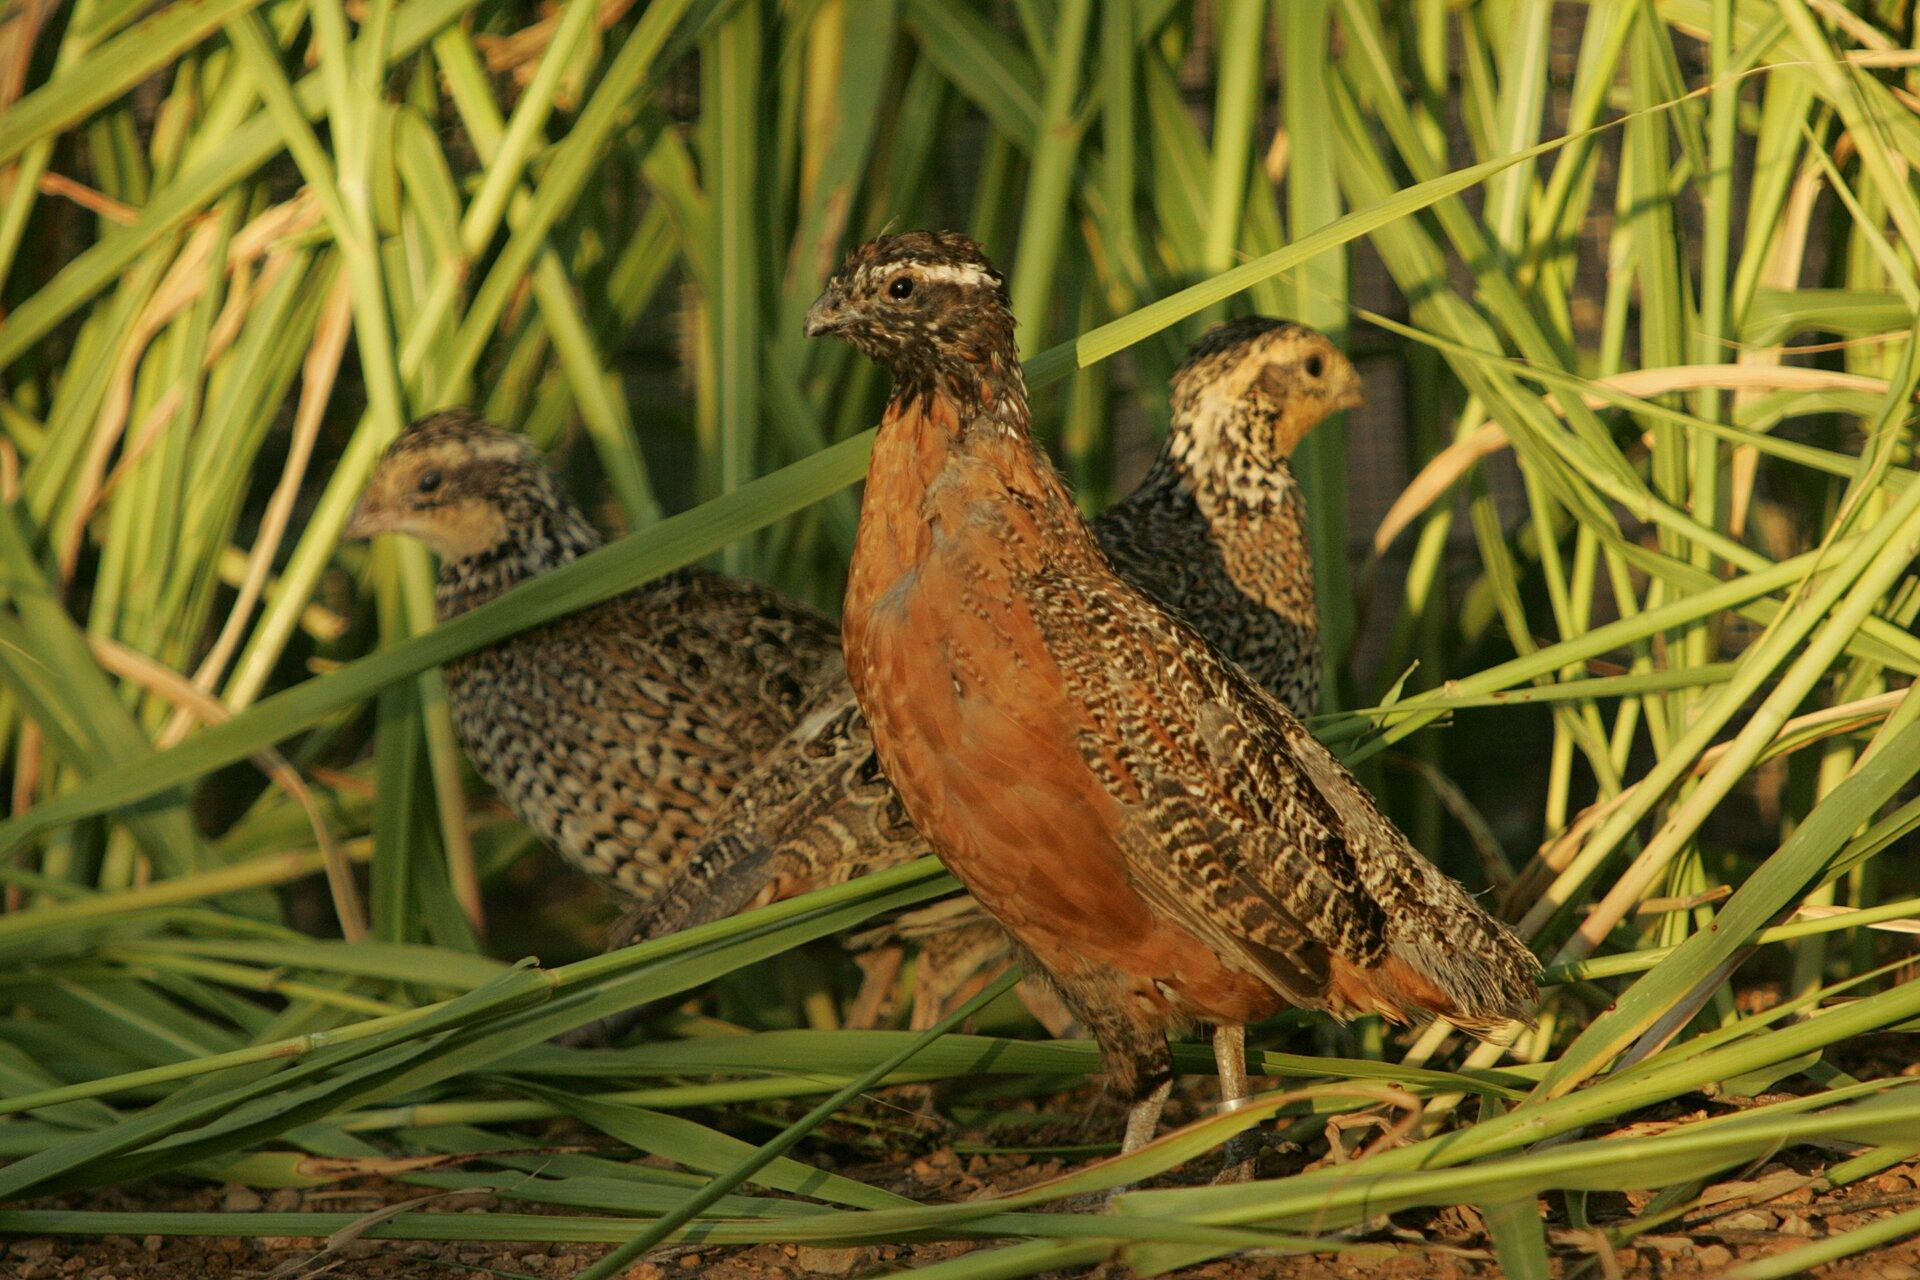 Fotografia przepiórki. Pośrodku widać większego ptaka zciemnymi piórami na głowie, brązowo-szarym grzbietem irudą piersią. Ten ptak to samiec. Za nim znajdują się mniejsze samice, które wcałości są pokryte brązowo-szarymi piórami. Ptaki znajdują się na polu uprawnym.